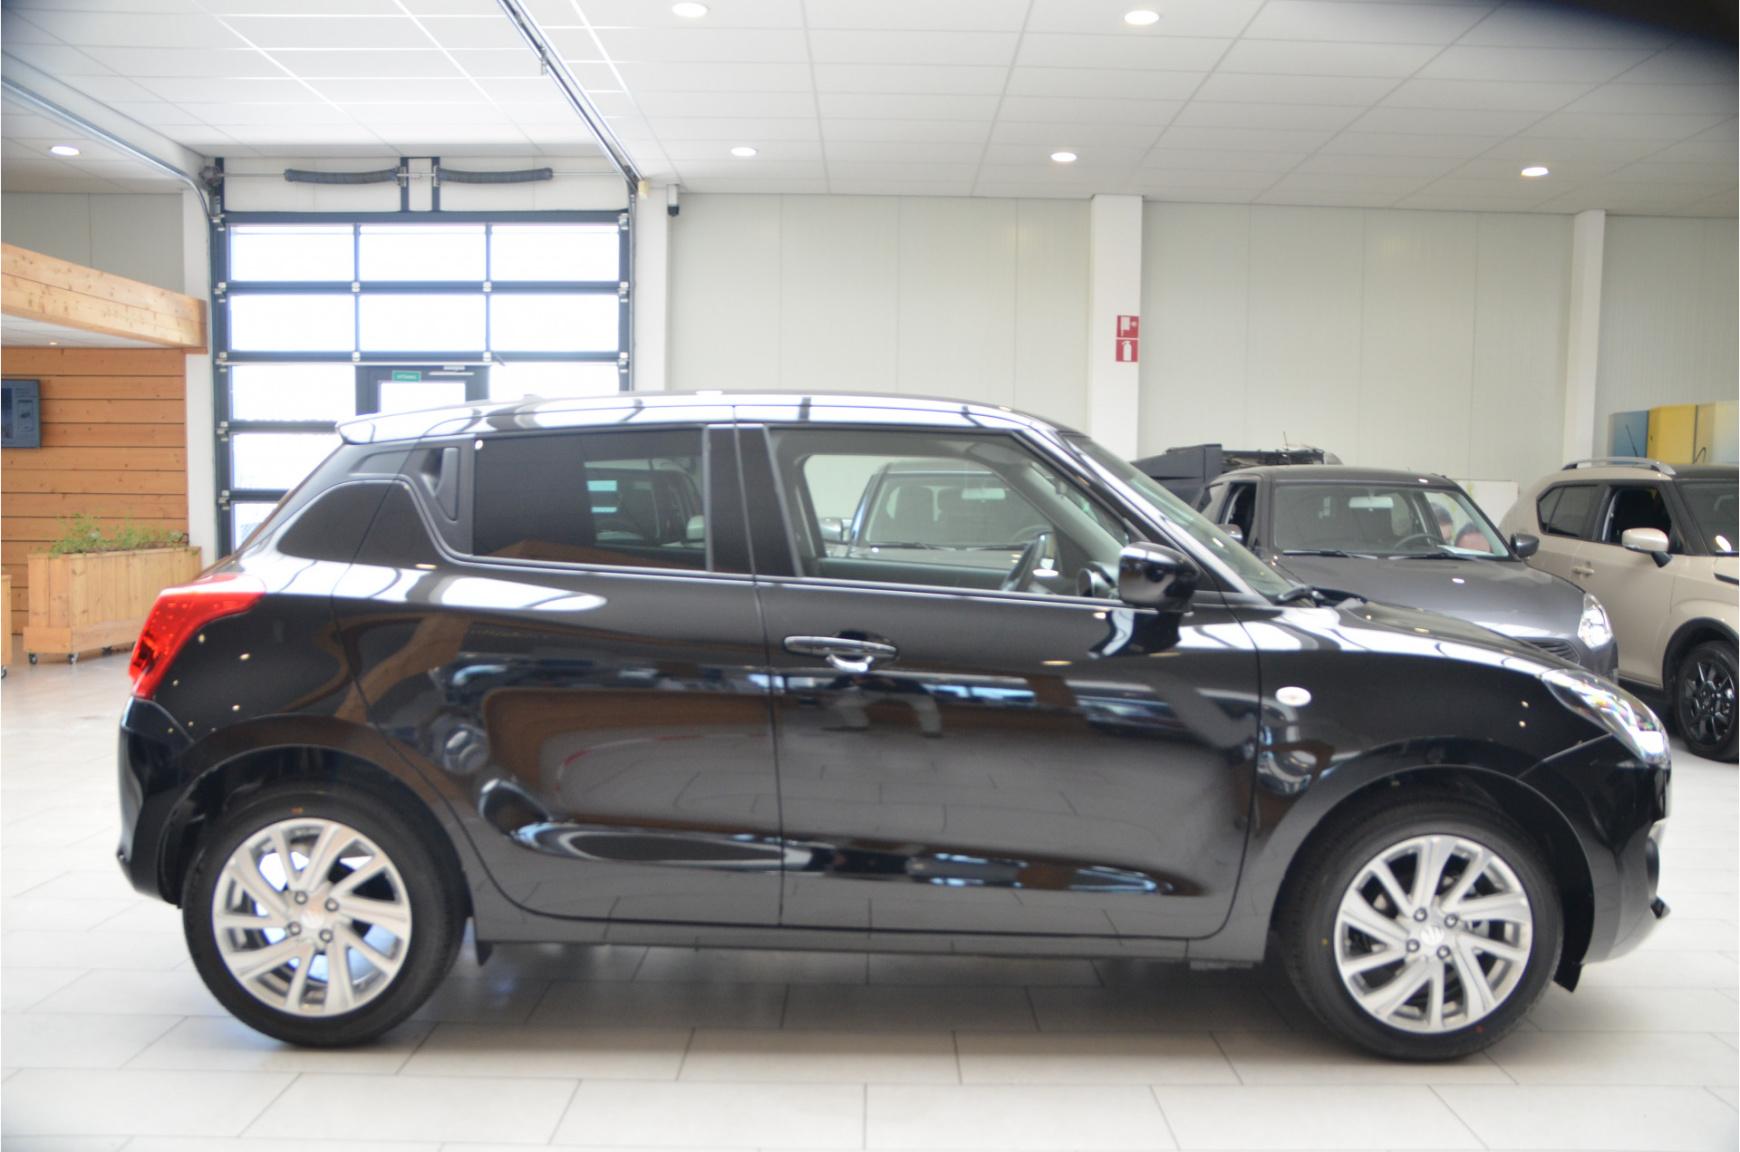 Suzuki-Swift-7